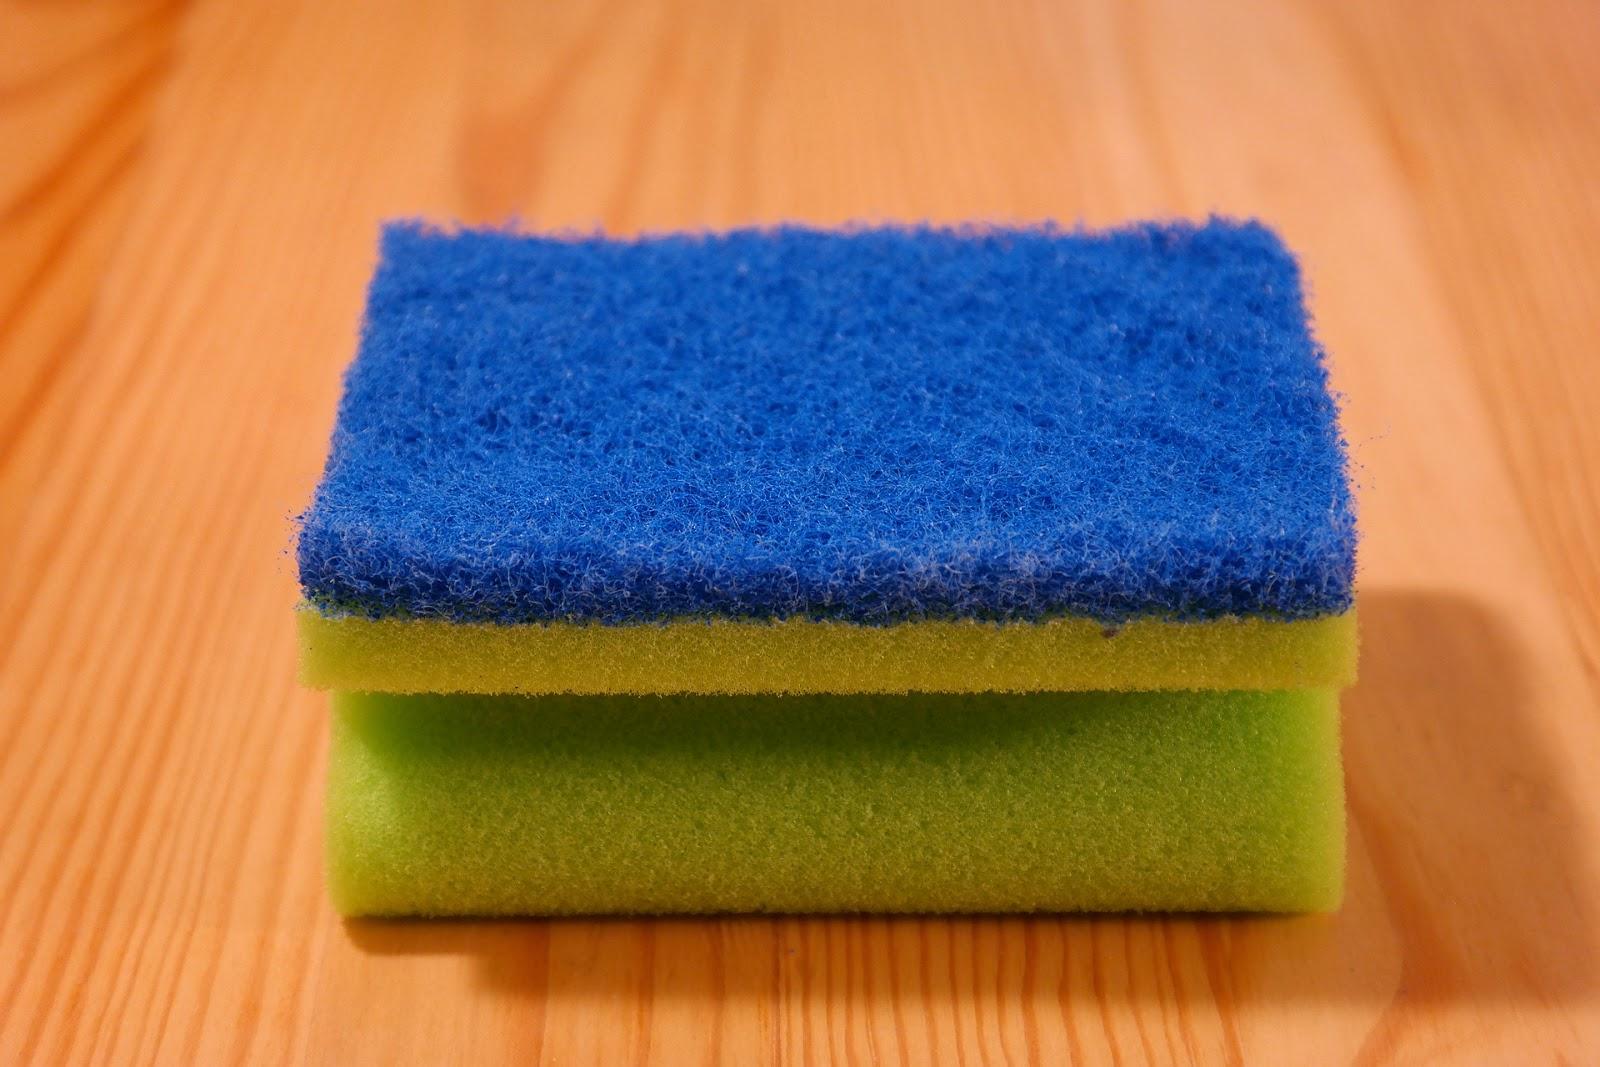 Φτιάξτε δυο εύκολα και φθηνά φυσικά καθαριστικά για το σπίτι σας.